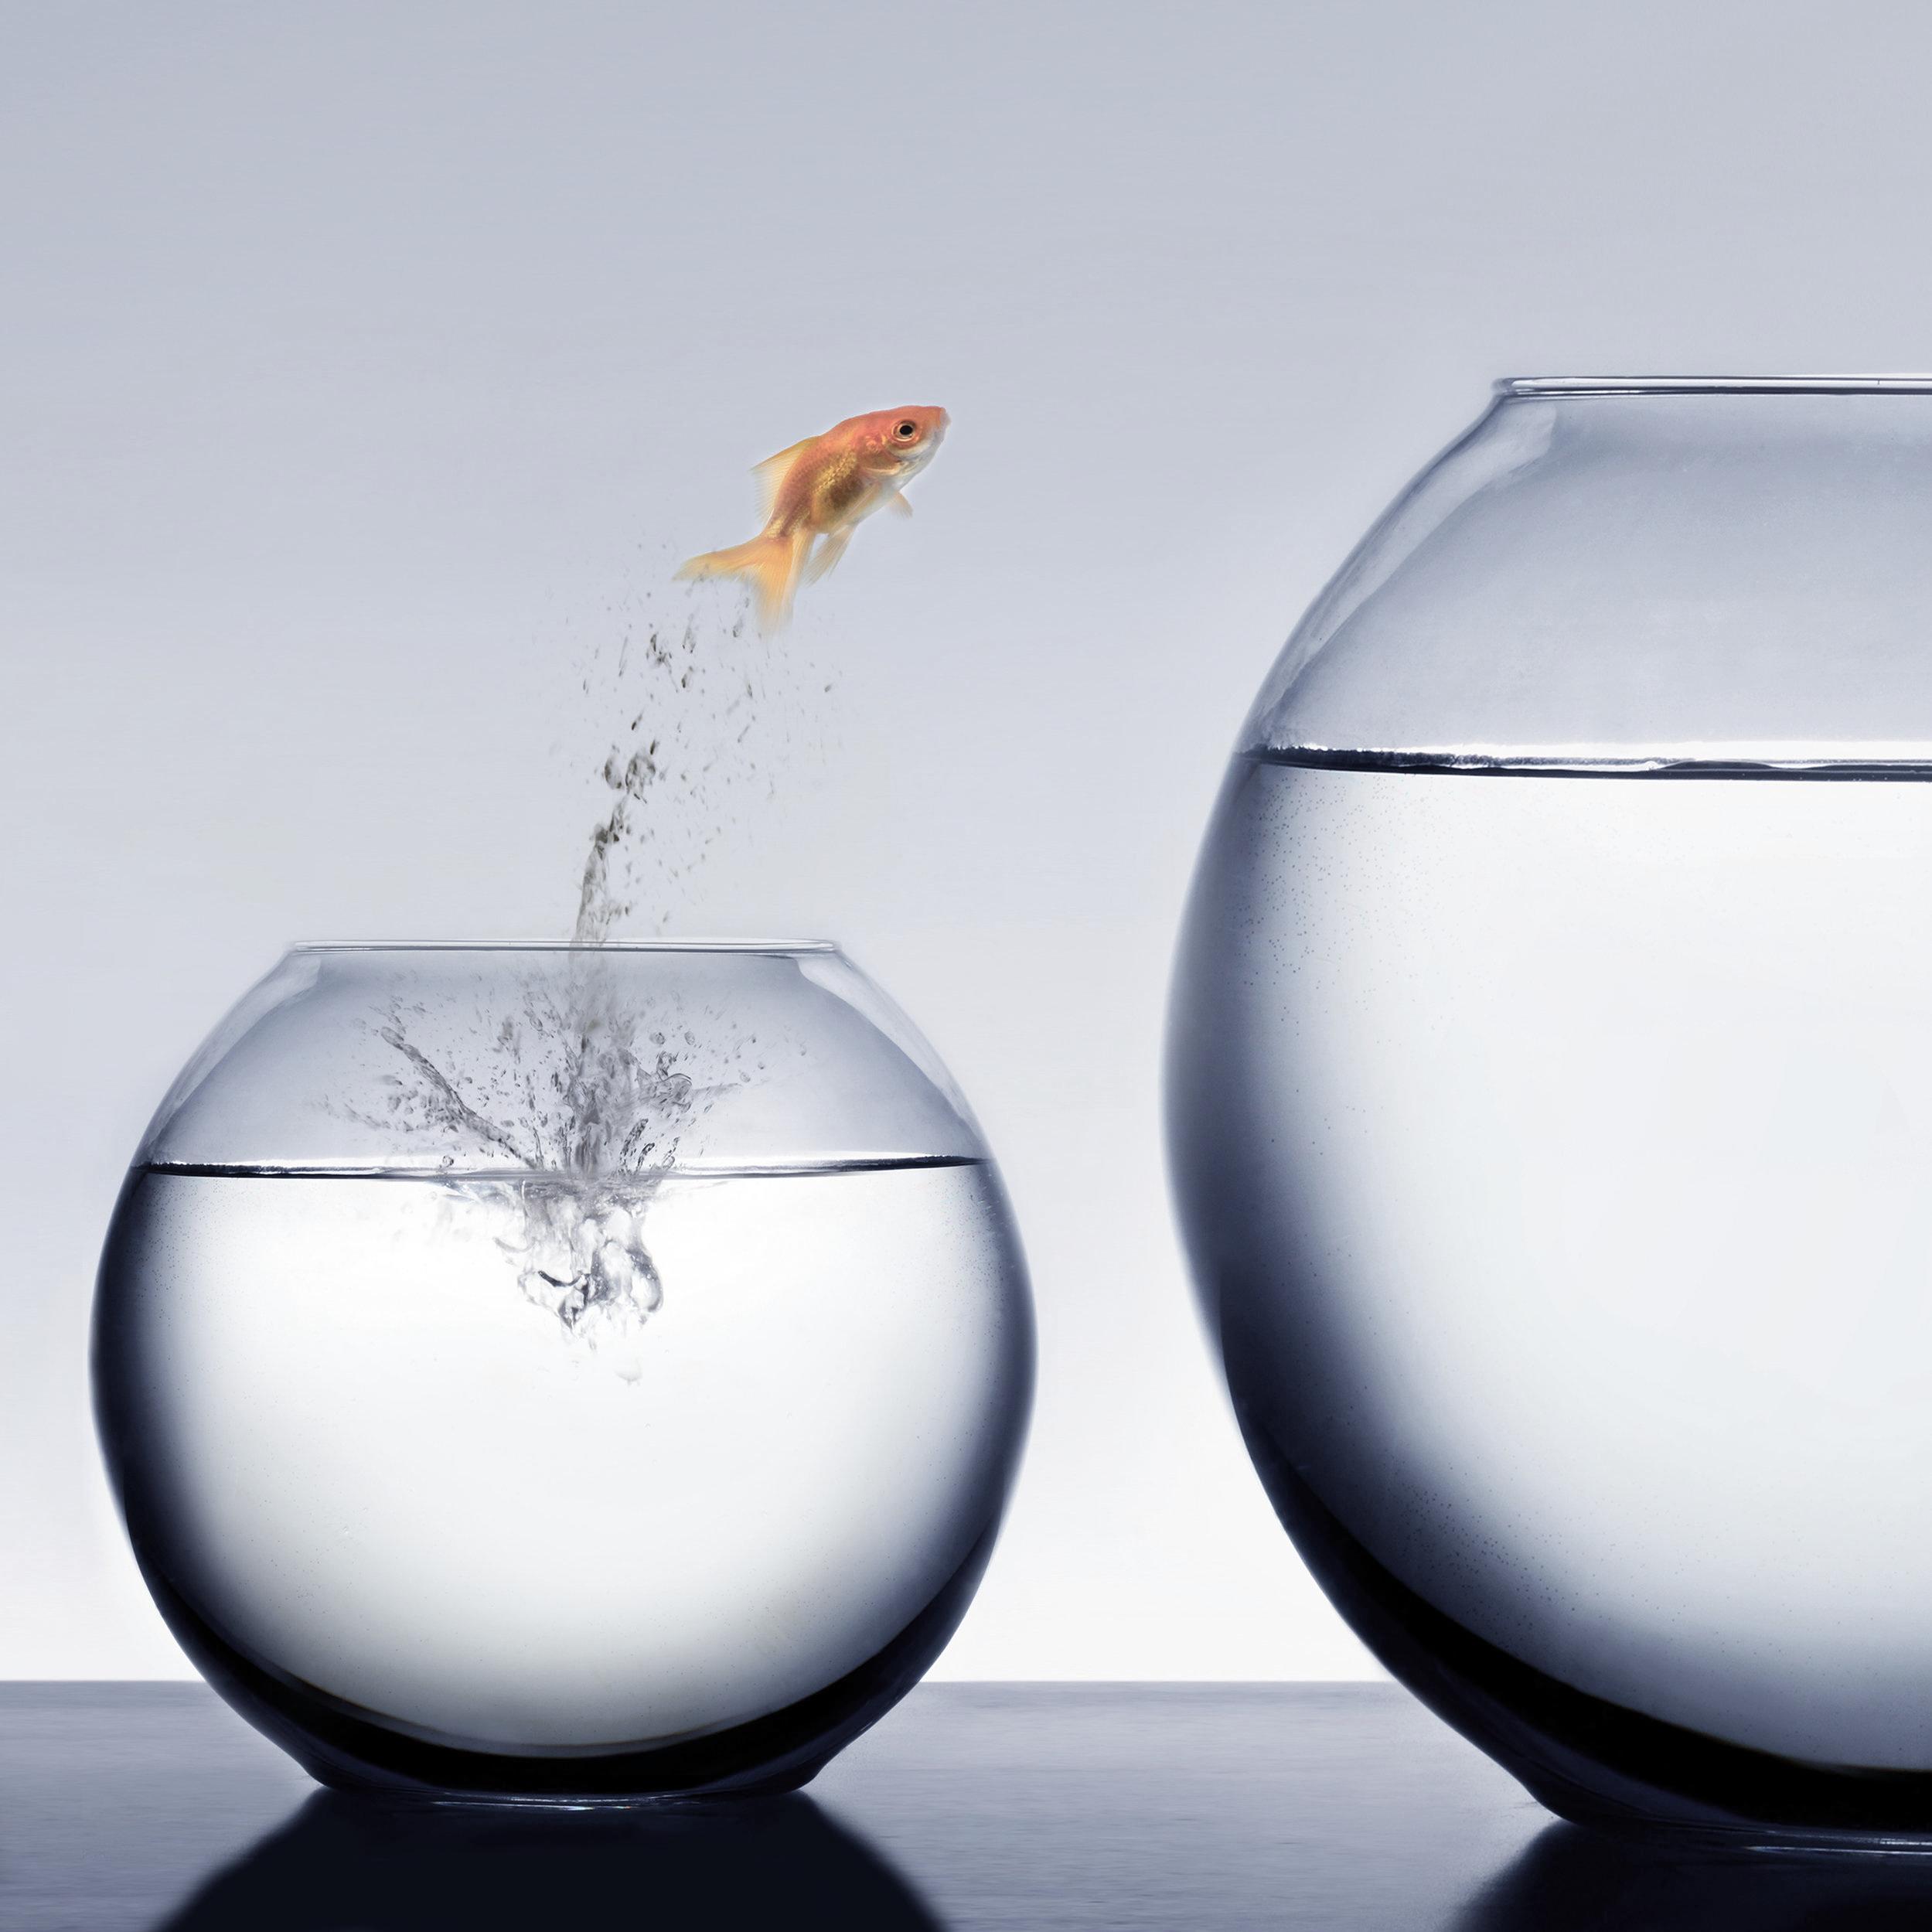 Chancen und Risiken 2019 - Ihre Destiny Analyse für 2019 hilft Ihnen Chancen und Möglichkeiten zu entdecken, um das Jahr und Ihre Ziele besser zu planen oder zu sehen, wie sich das Jahr entwickelt hat oder Sie noch korrigieren sollten.Es ist ein guter Weg mit dem System vertraut zu werden - und den grössten Nutzen daraus zu ziehen.1 – 1 ½ Stunden Beratung zu Ihren Chancen und Möglichkeiten 2019Empfehlungen für Zielsetzungen und Chancen, die es zu nutzen giltSensibilisierung für mögliche RisikenSchriftliche Zusammenfassung der AnalysePersönlicher Kalender bis Ende 2019 mit zusätzlichen InformationenKosten: 199.00 CHF incl. MWST